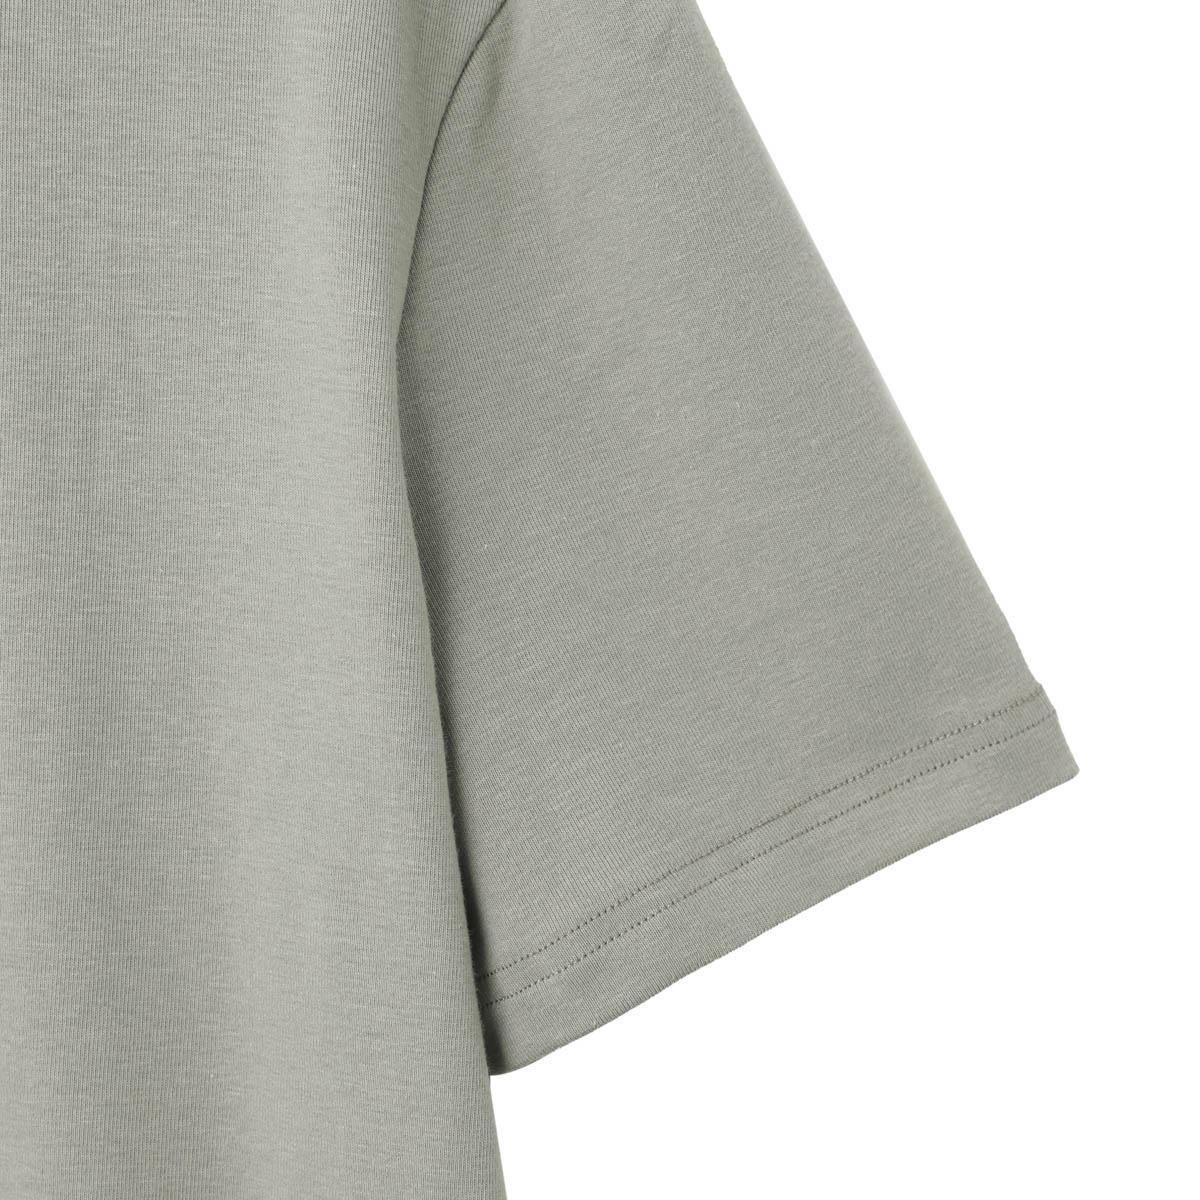 TOM FORD トムフォード クルーネック Tシャツ【返品交換不可】 メンズ